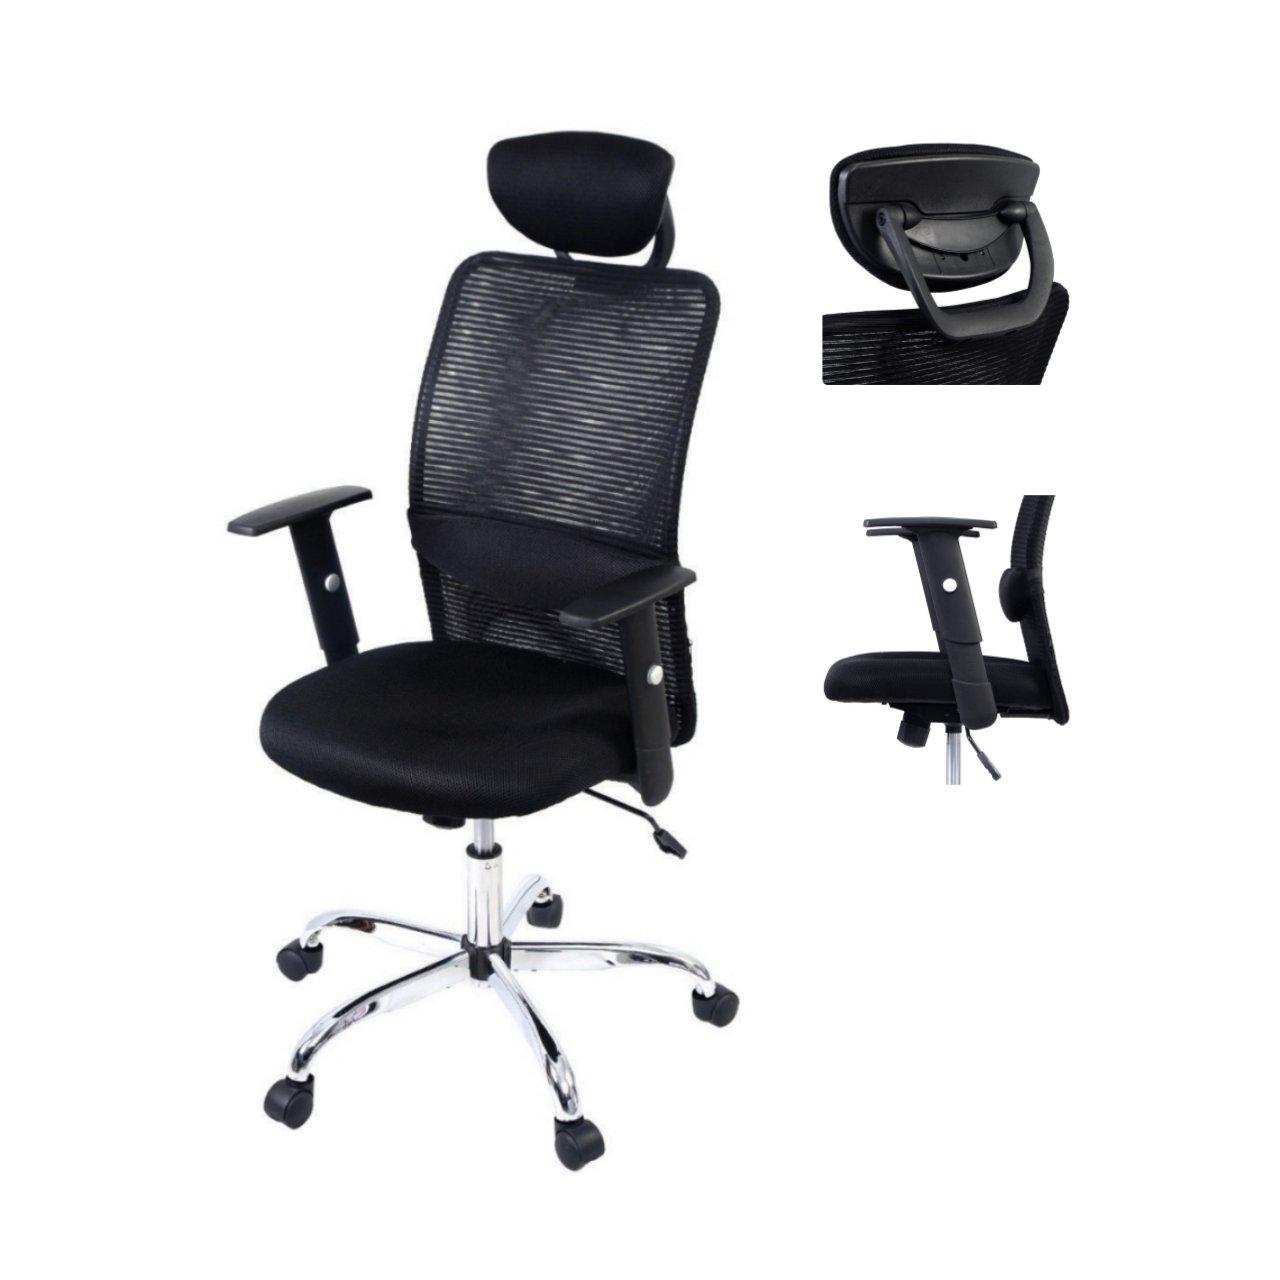 Ergonomic Mesh High Back Office Chair Soft Sponge Upholstery 360 Degree Swivel Home Office Gaming Desk Task - With Headrest #1517